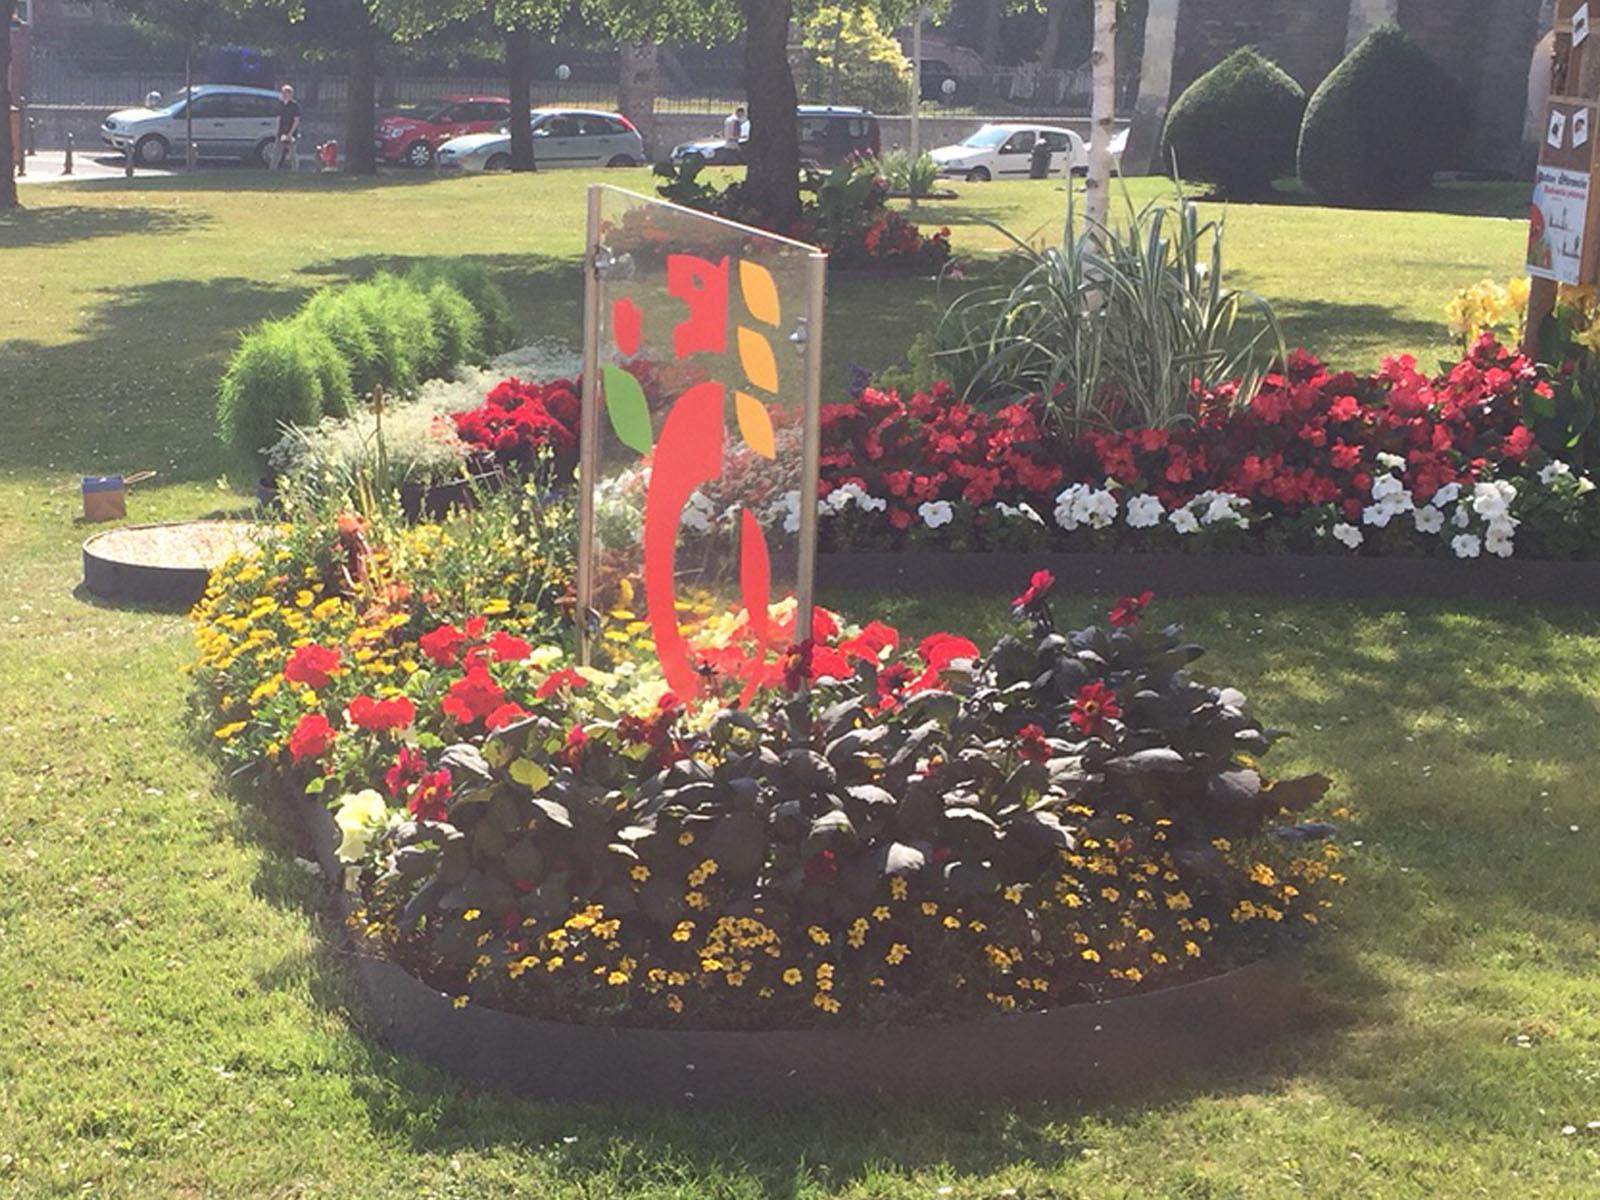 Der Garten der Freundschaft in Fécamp ist in Form einer Blüte gestaltet - für jede Partnerstadt ein Blatt.